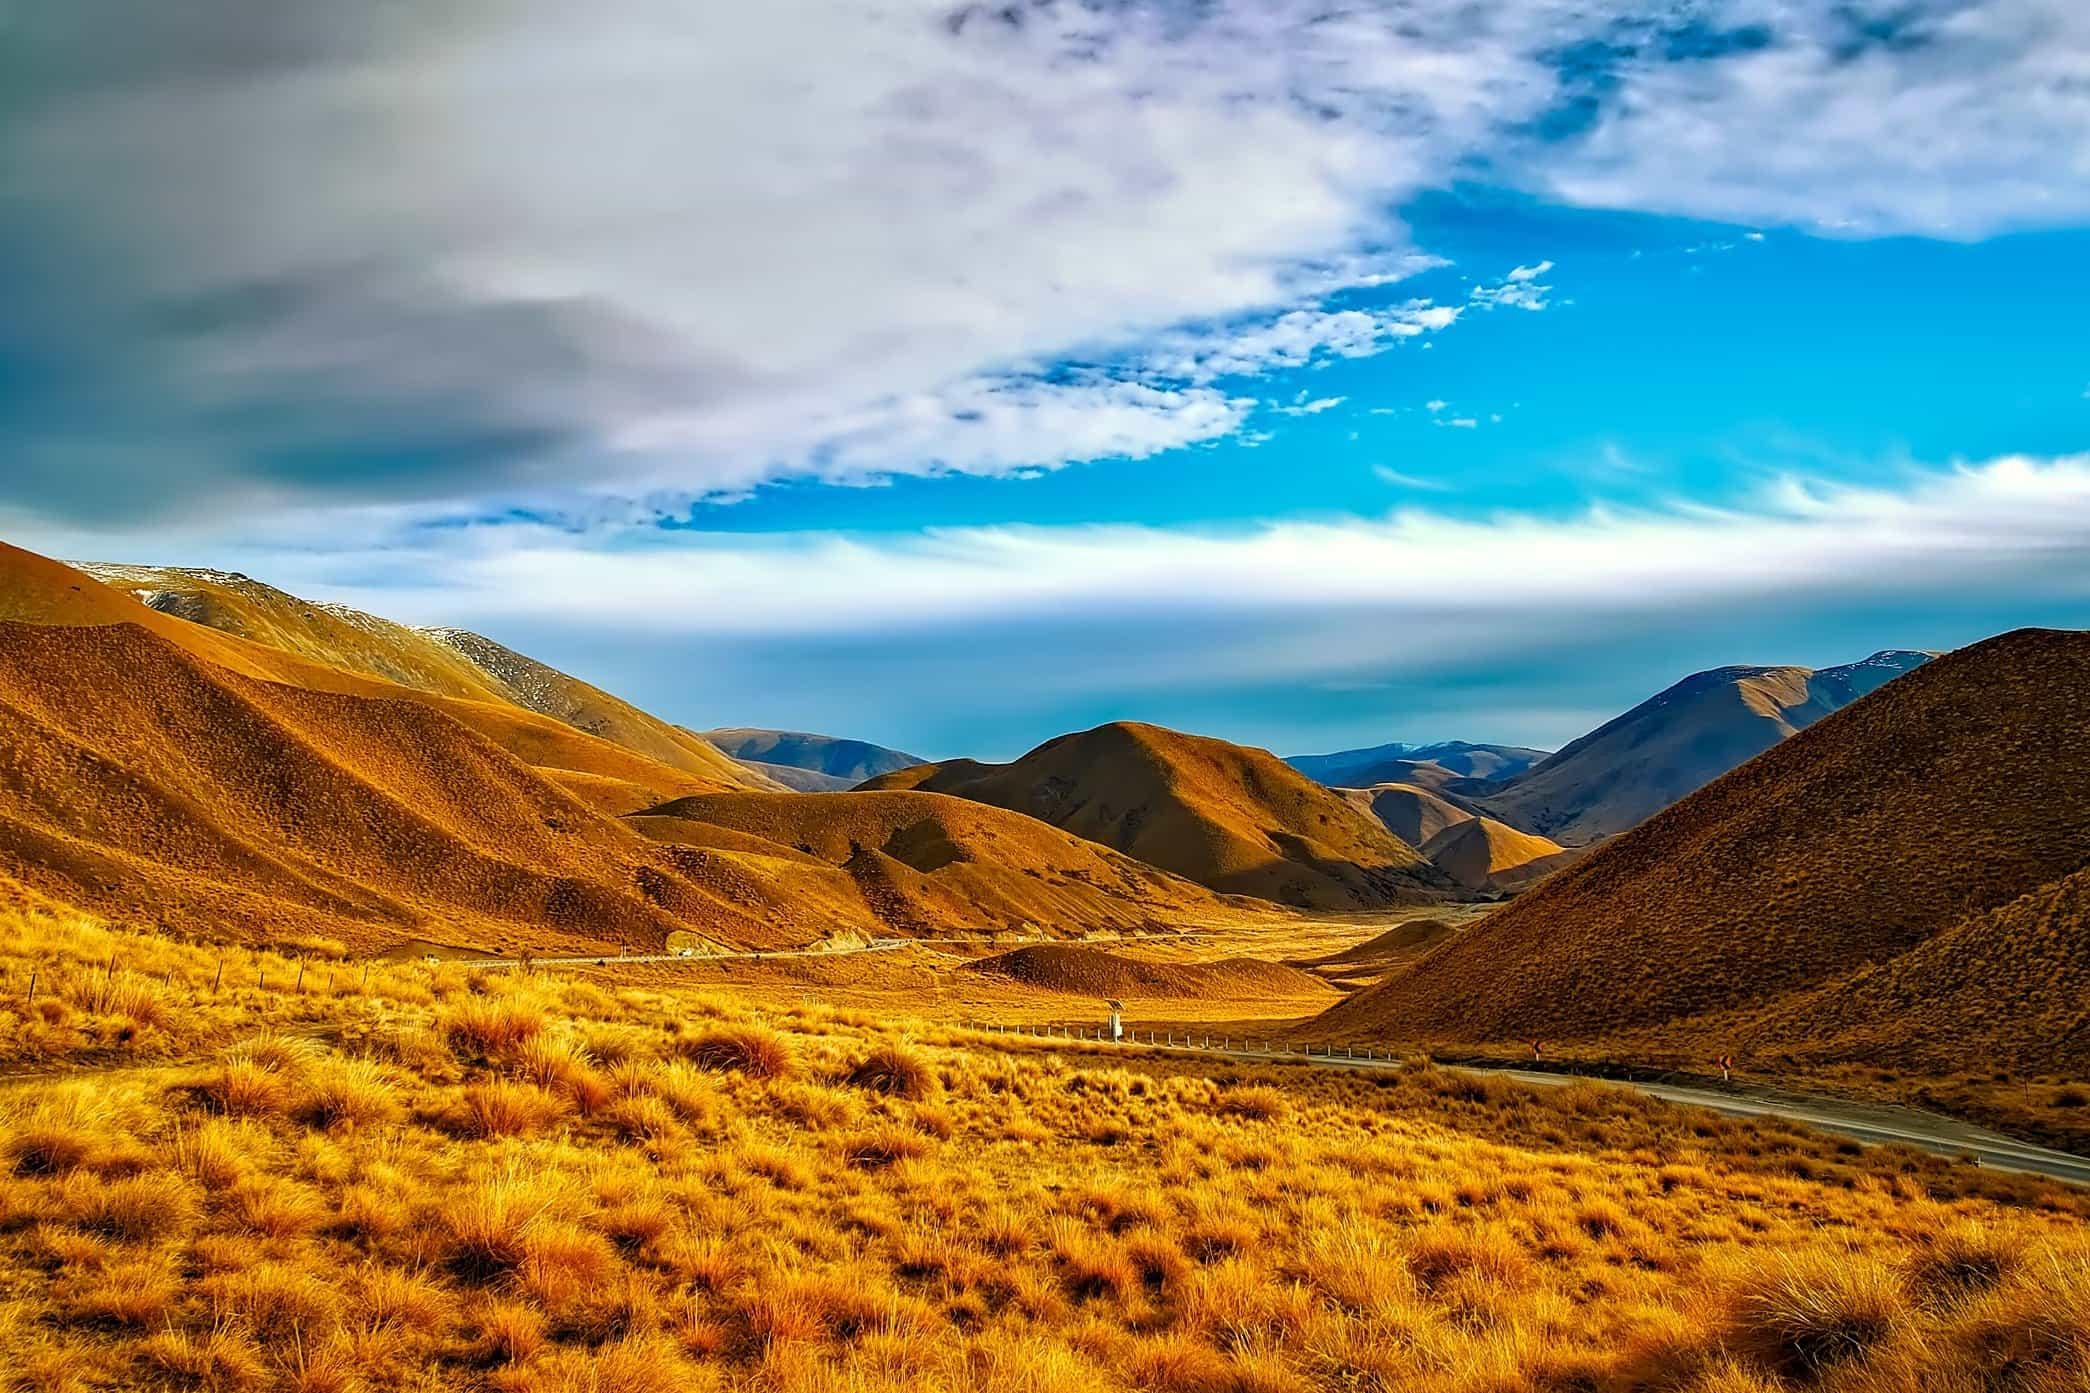 Горы и степи картинки